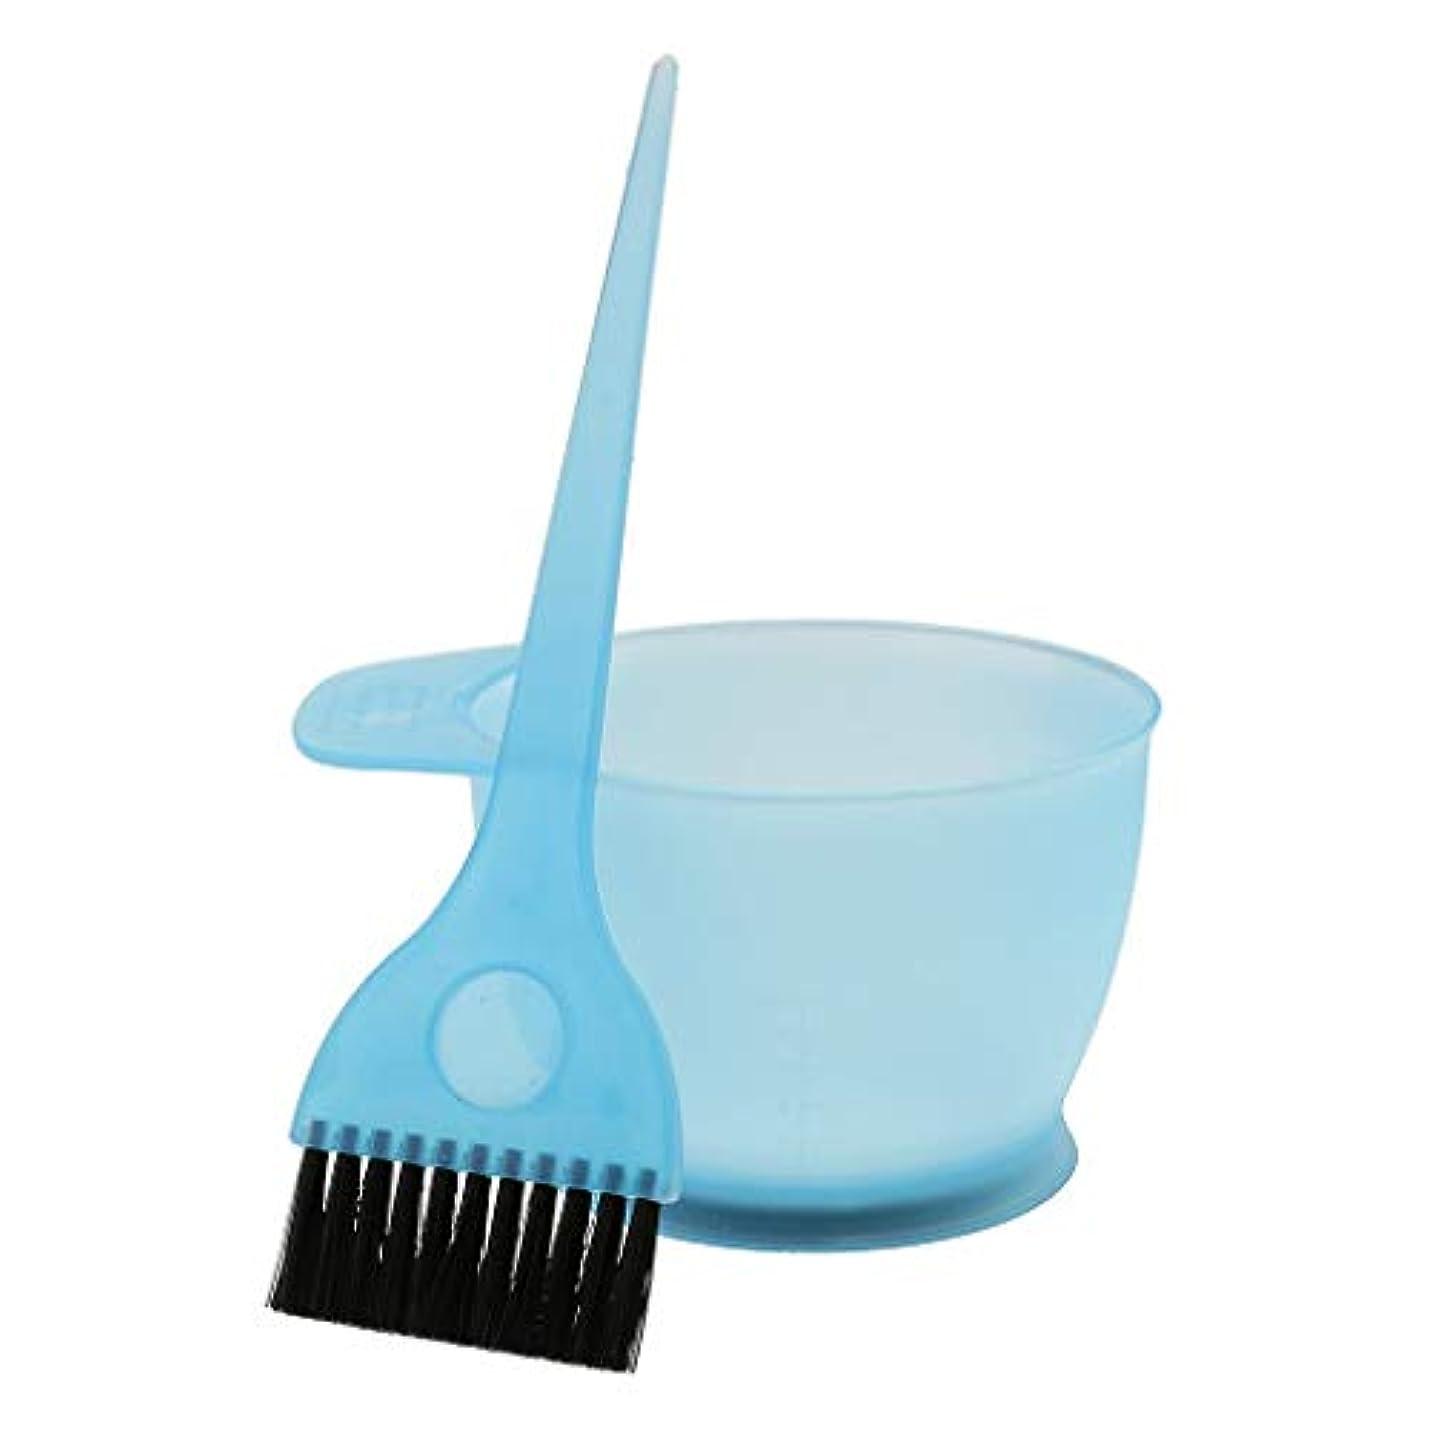 しっかりで出来ている推定髪の色合い染料着色ツールのためのサロン髪色染料ボウル櫛ブラシセットスーツ (ブルー)